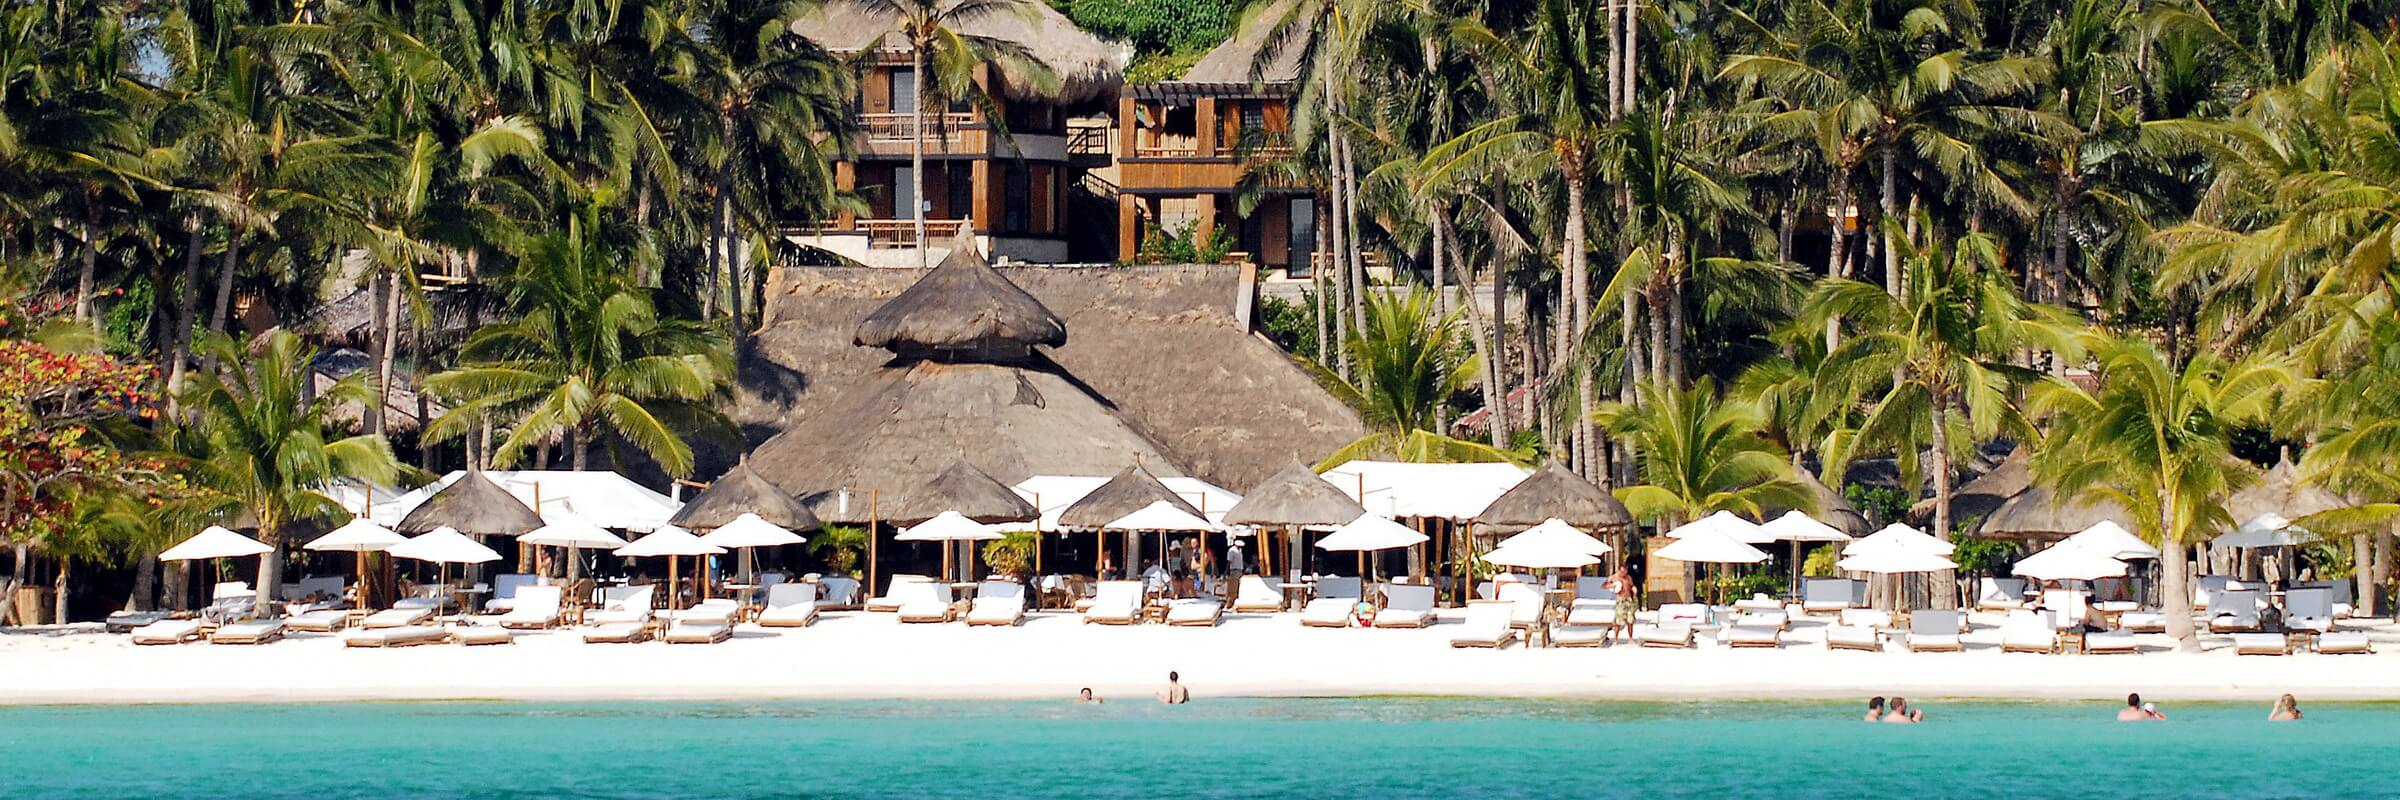 Die einladende Strandanlage des Firdays auf Boracay, Philippinen mit dem Hotelensemble im Hintergrund